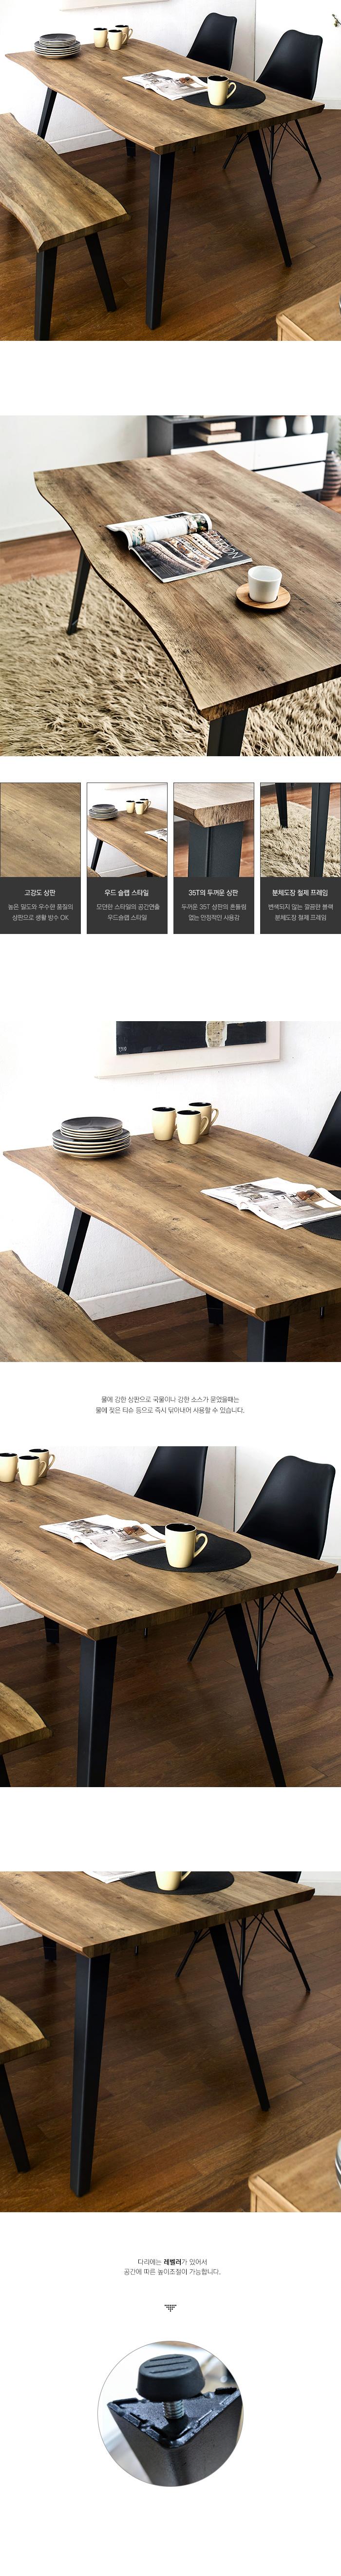 DT-1417-2Liva_Dining-Set_200610-2.jpg